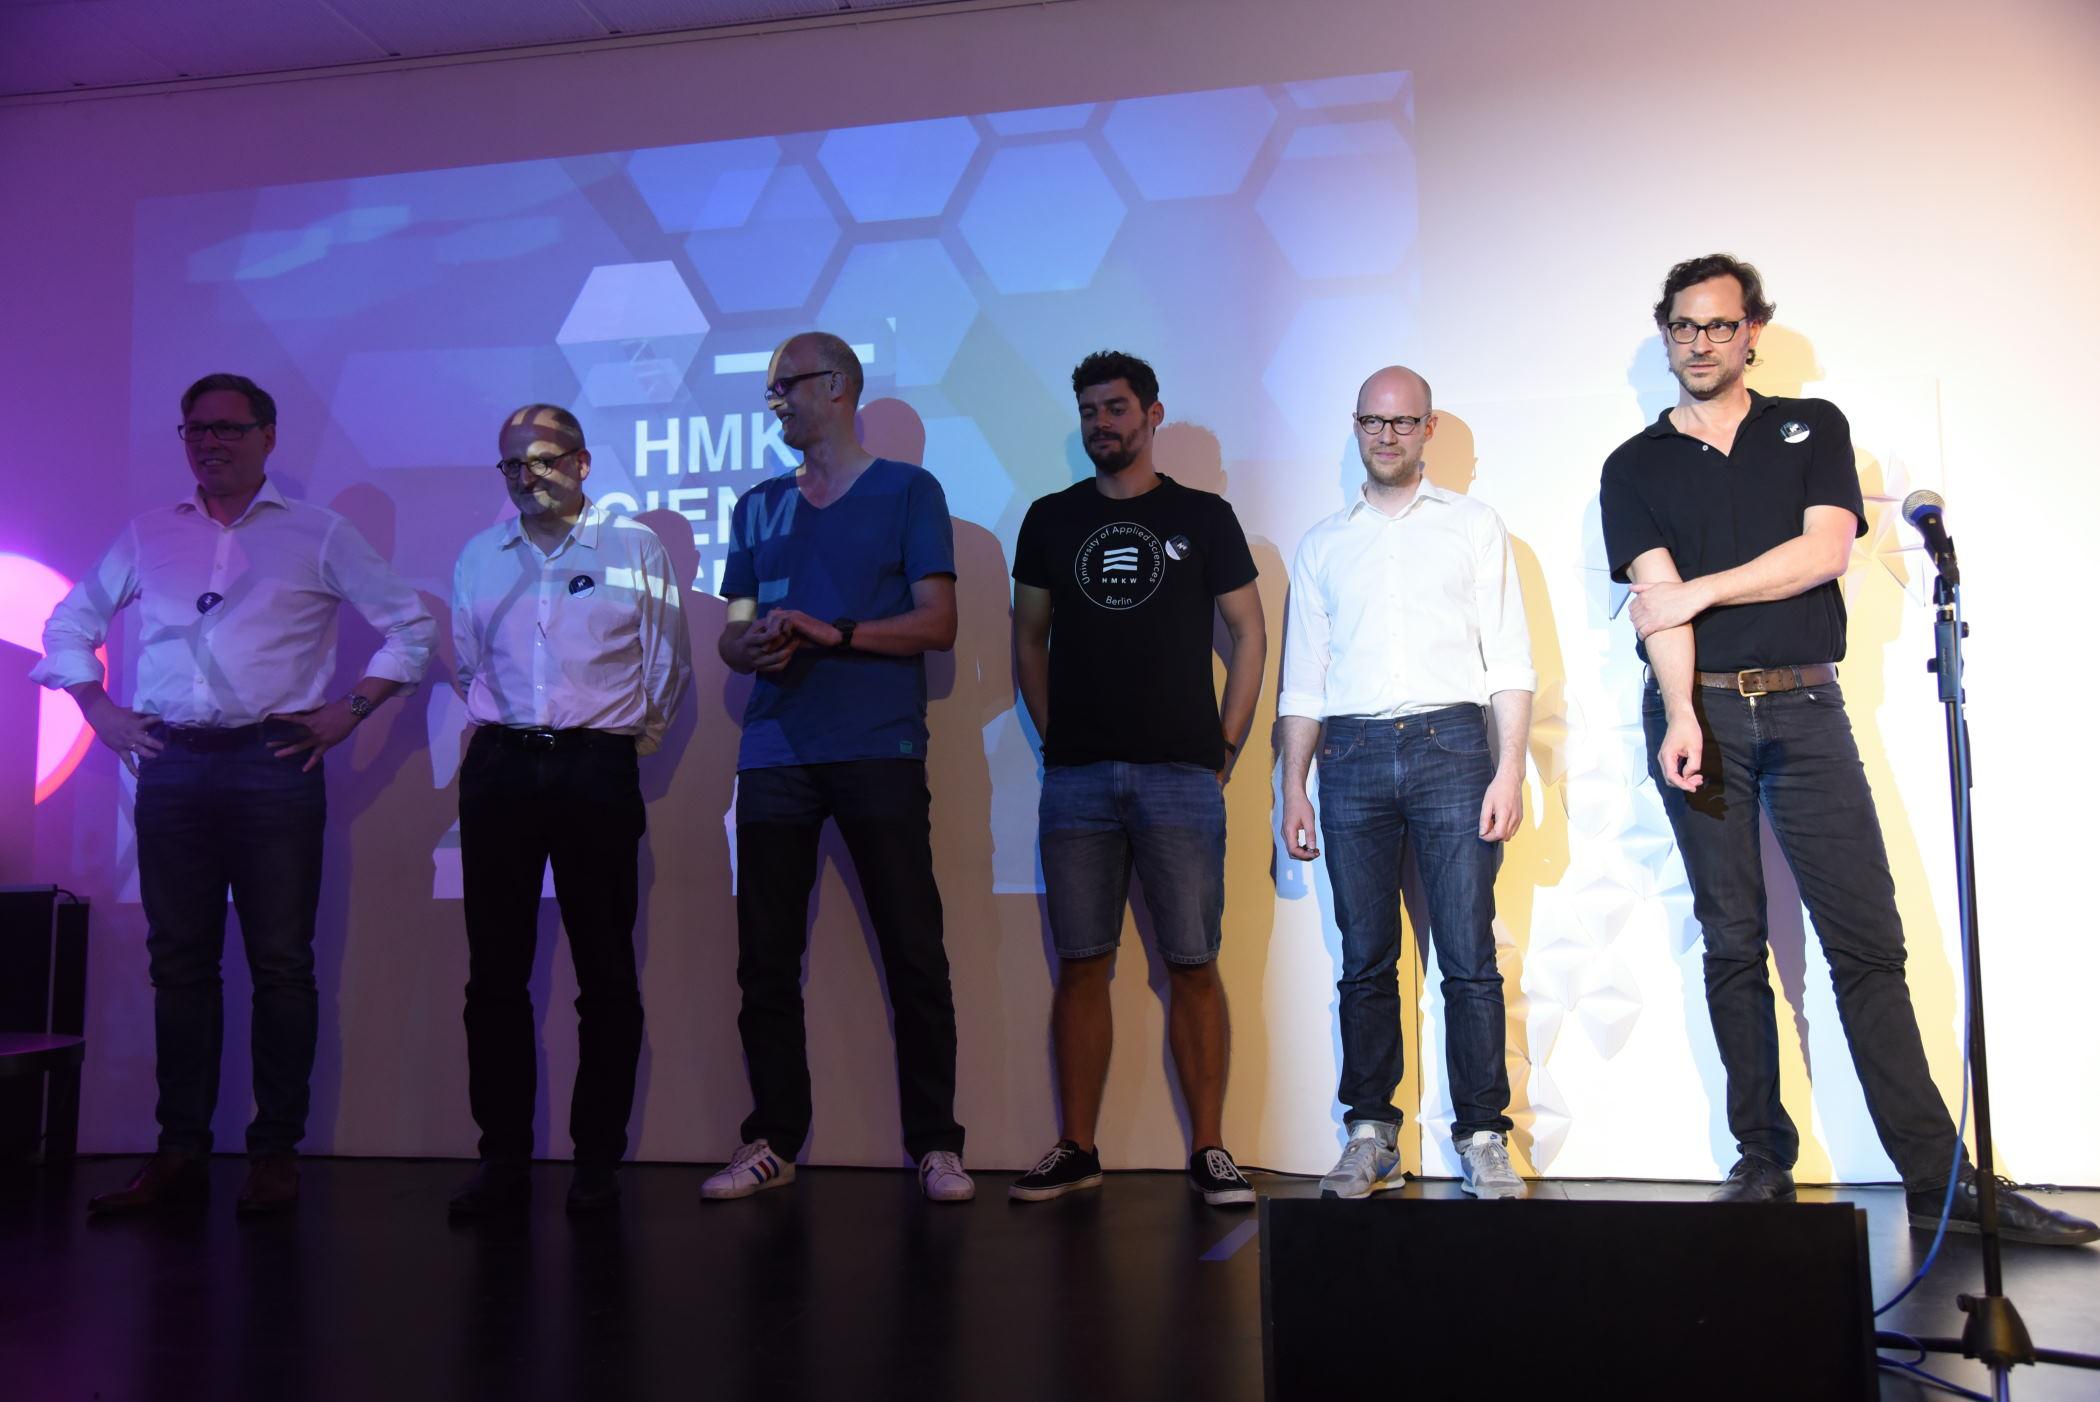 Die sechs HMKW-Slammer werden dem Publikum vorgestellt.